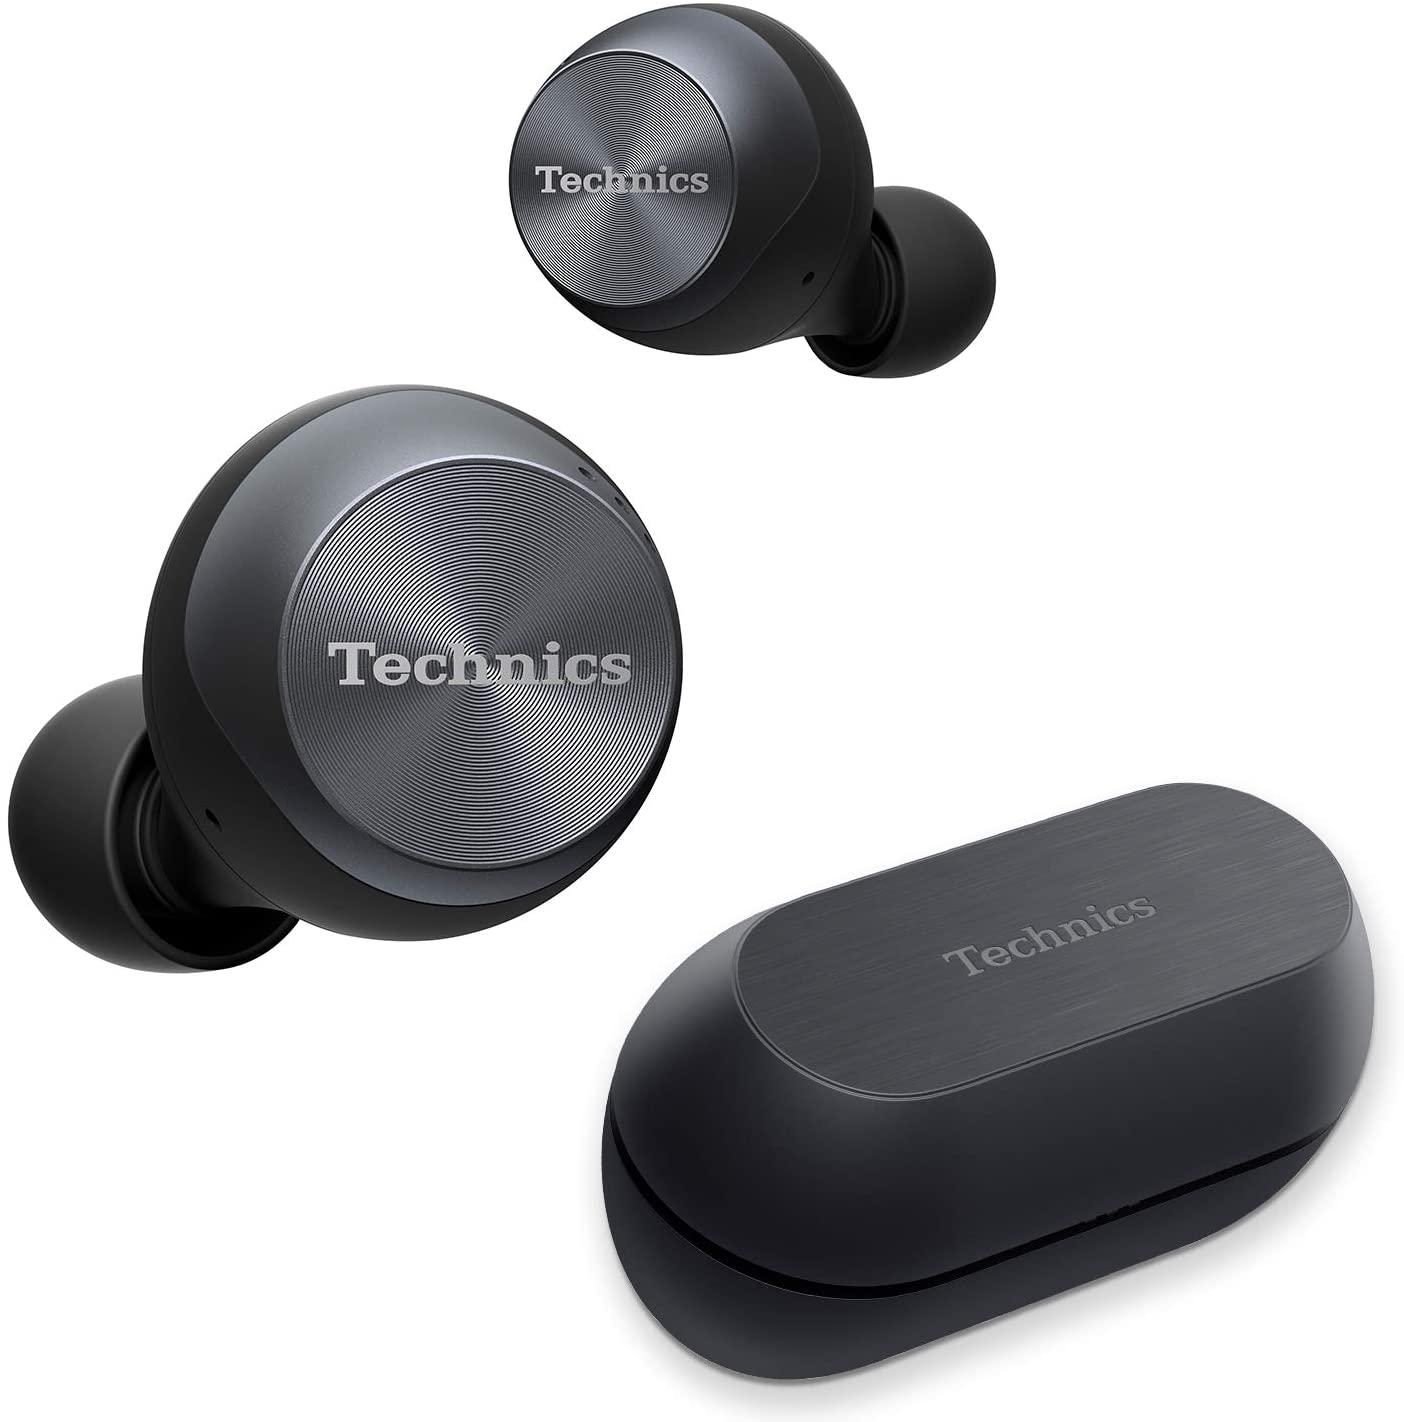 Technics EAH-AZ70W-K Bluetooth ANC buds new for $164 (lowest price yet)